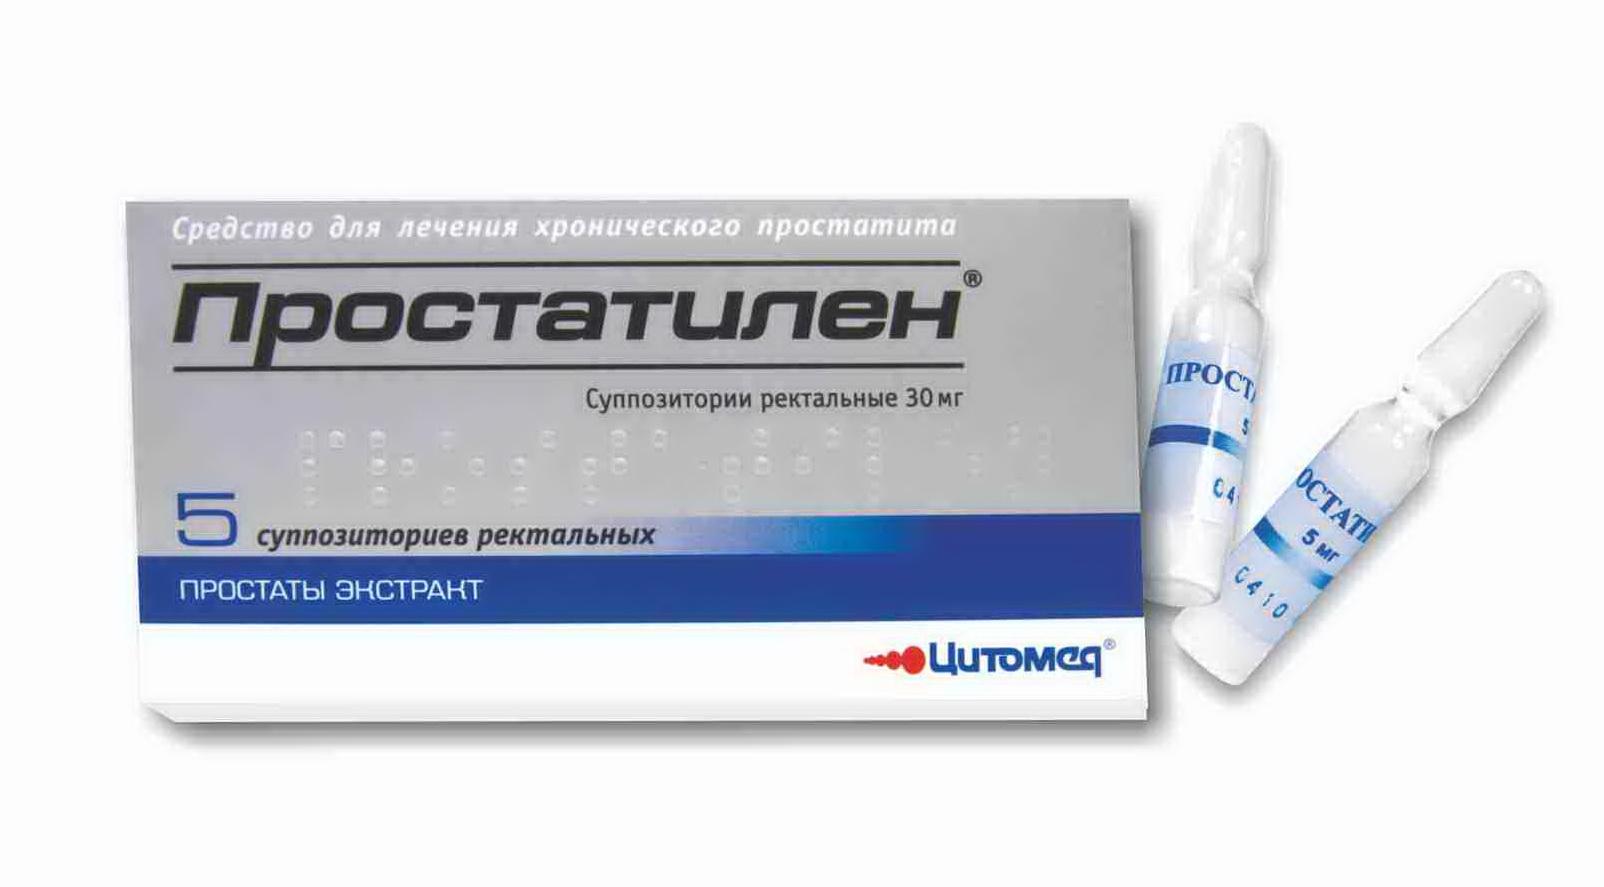 Лікування простатиту антибіотиками в домашніх умовах